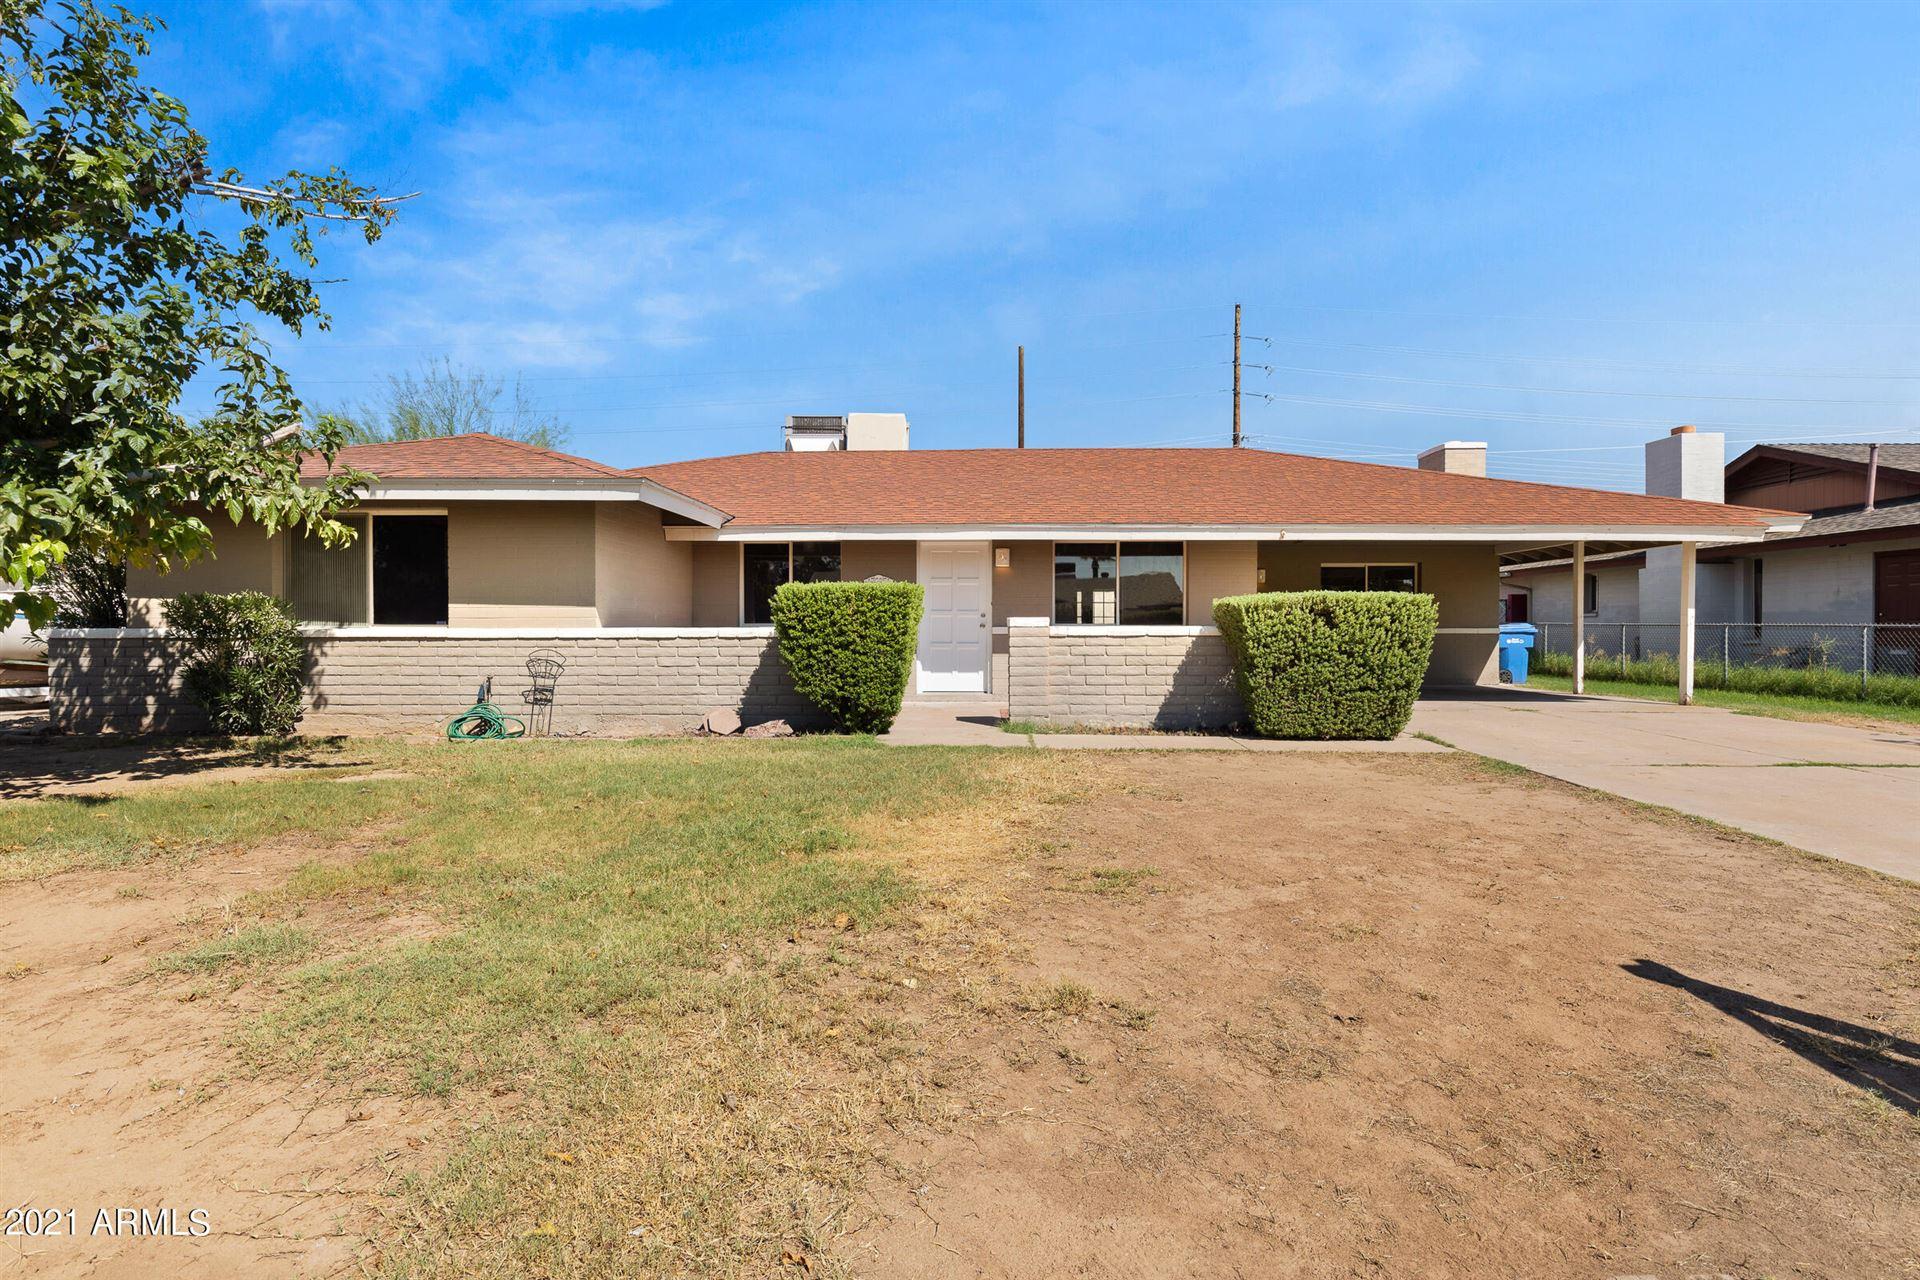 3914 W LANE Avenue, Phoenix, AZ 85051 - MLS#: 6267456